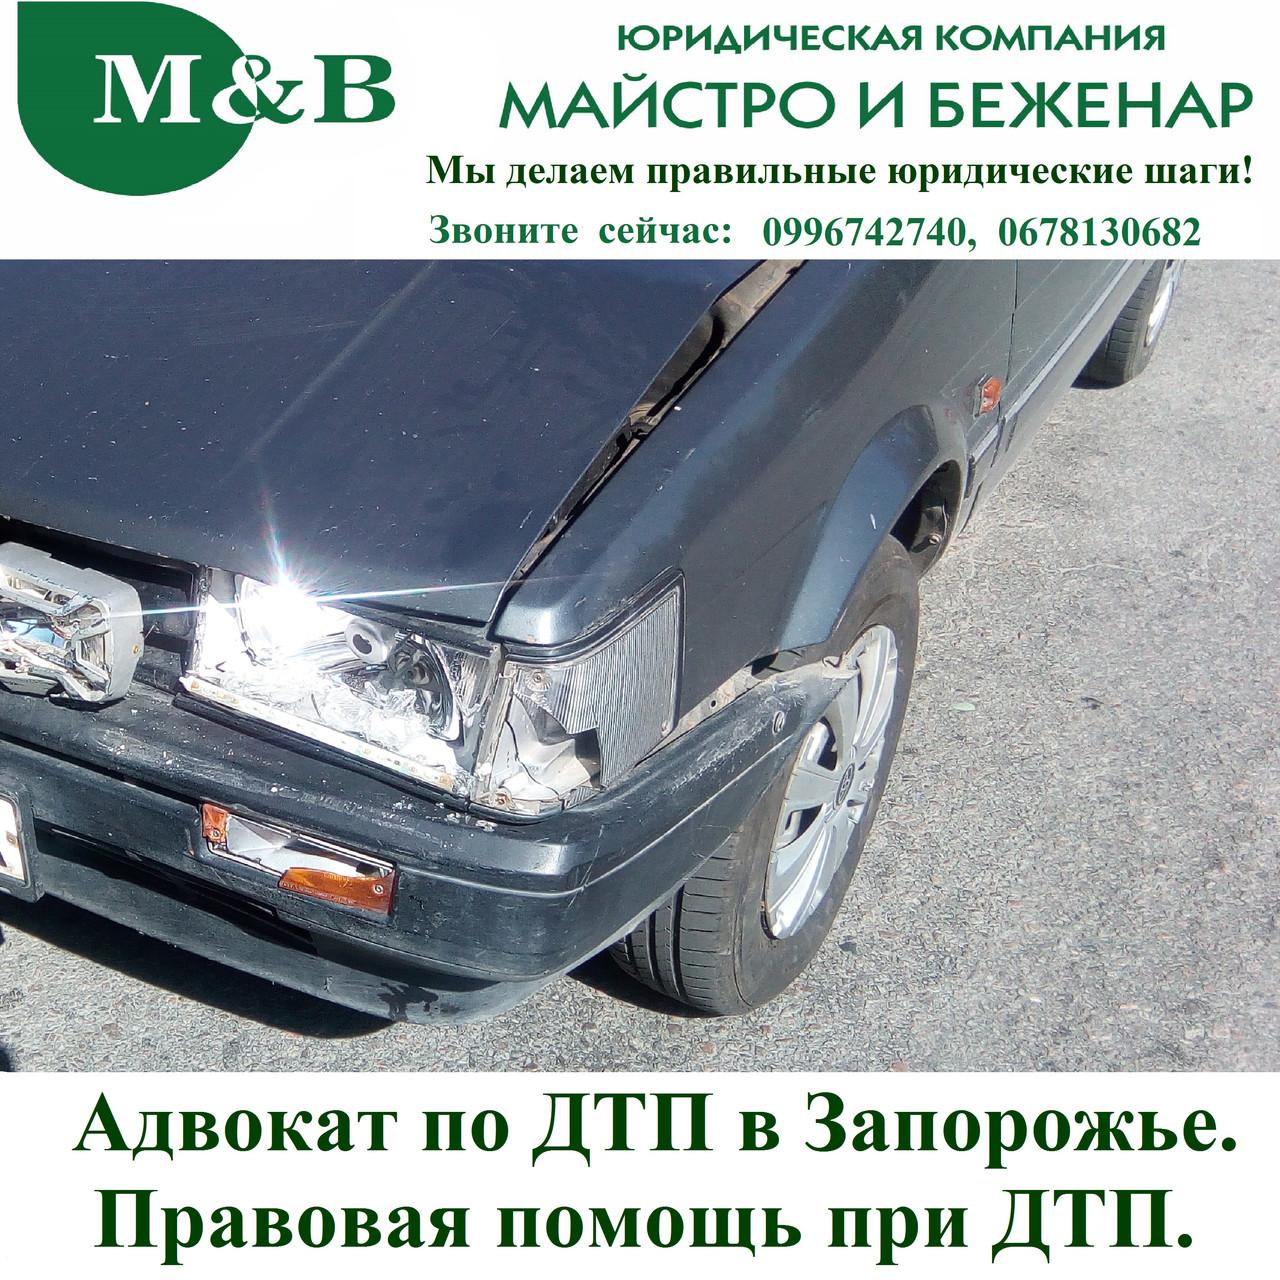 Адвокат по ДТП в Запорожье. Правовая помощь при ДТП